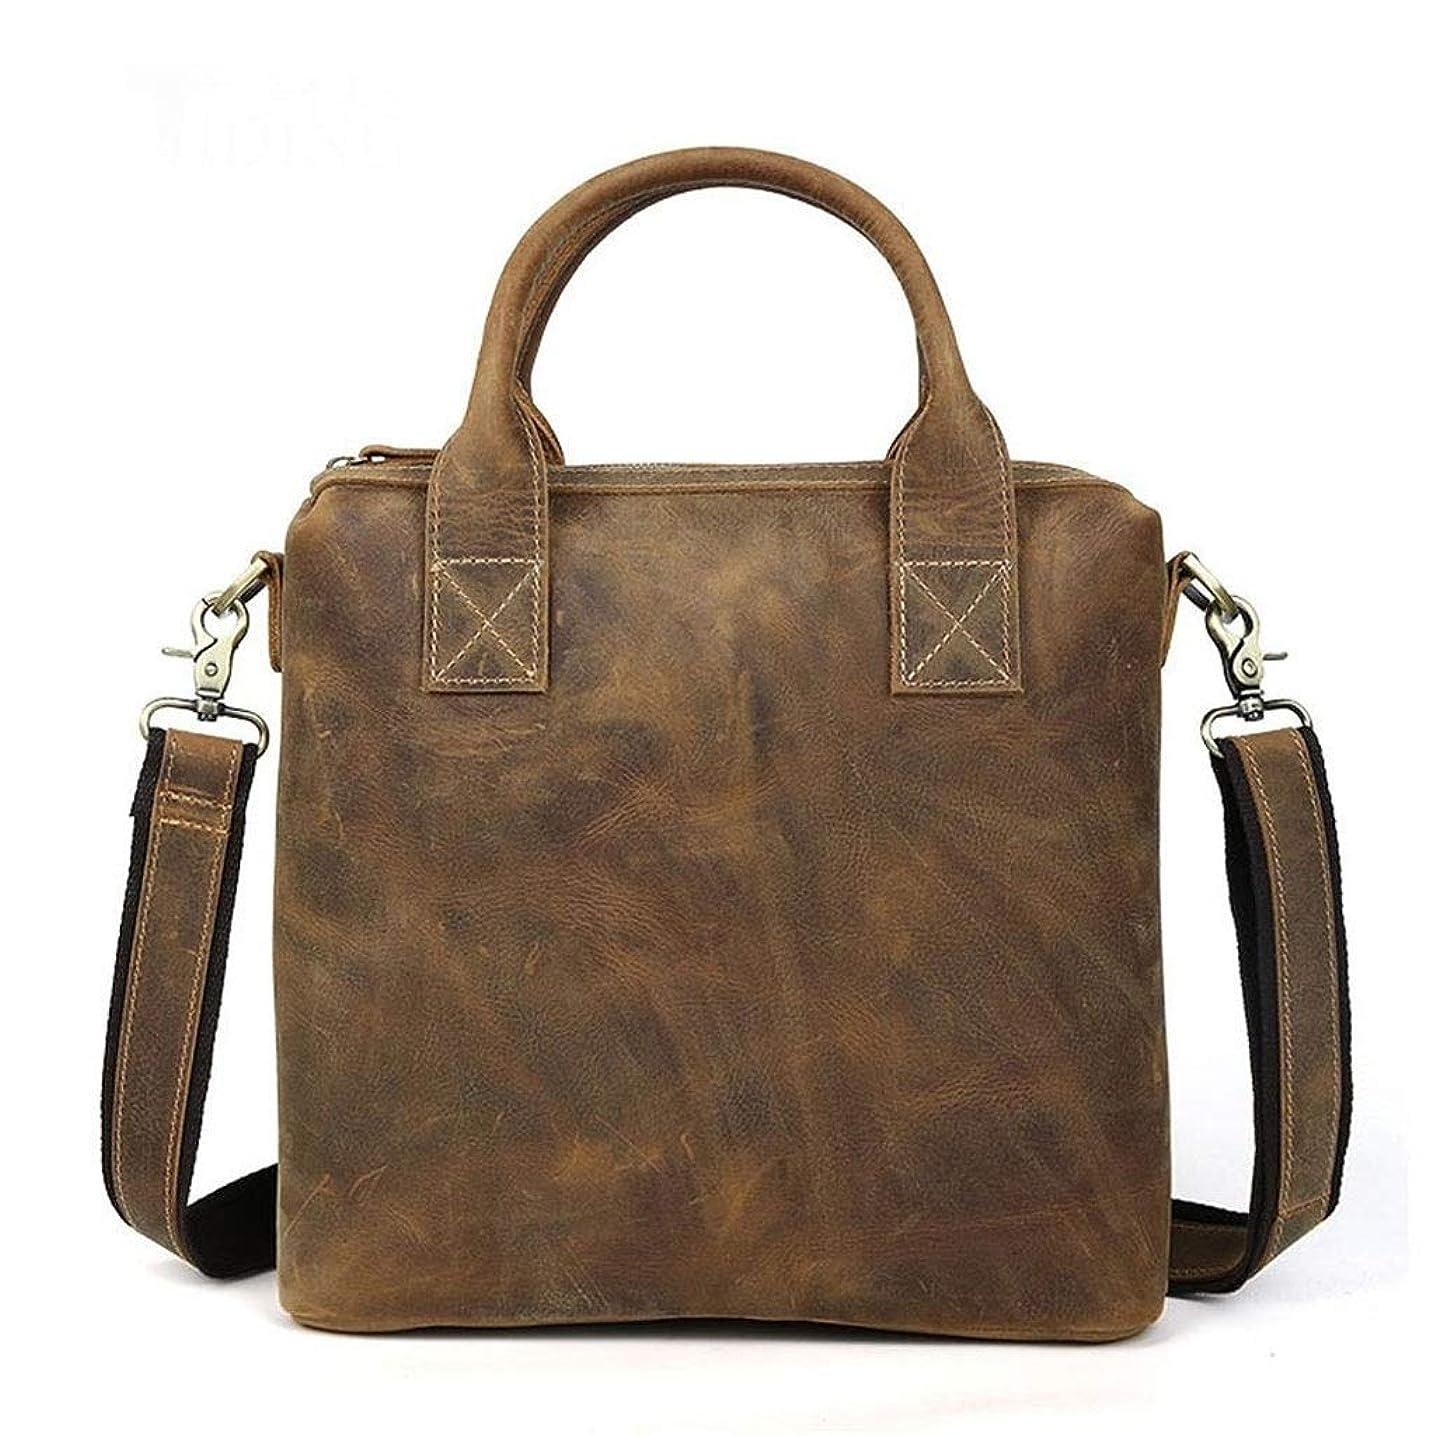 QASEW Bolso de oficina portátil Estilo Vintage de piel para negocios – Bolso bandolera. obohjyhzy